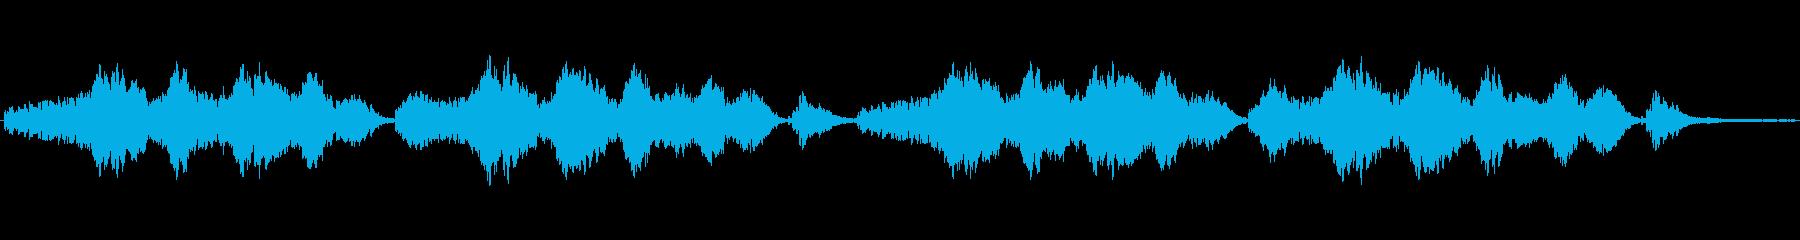 静かな瞑想音楽の再生済みの波形